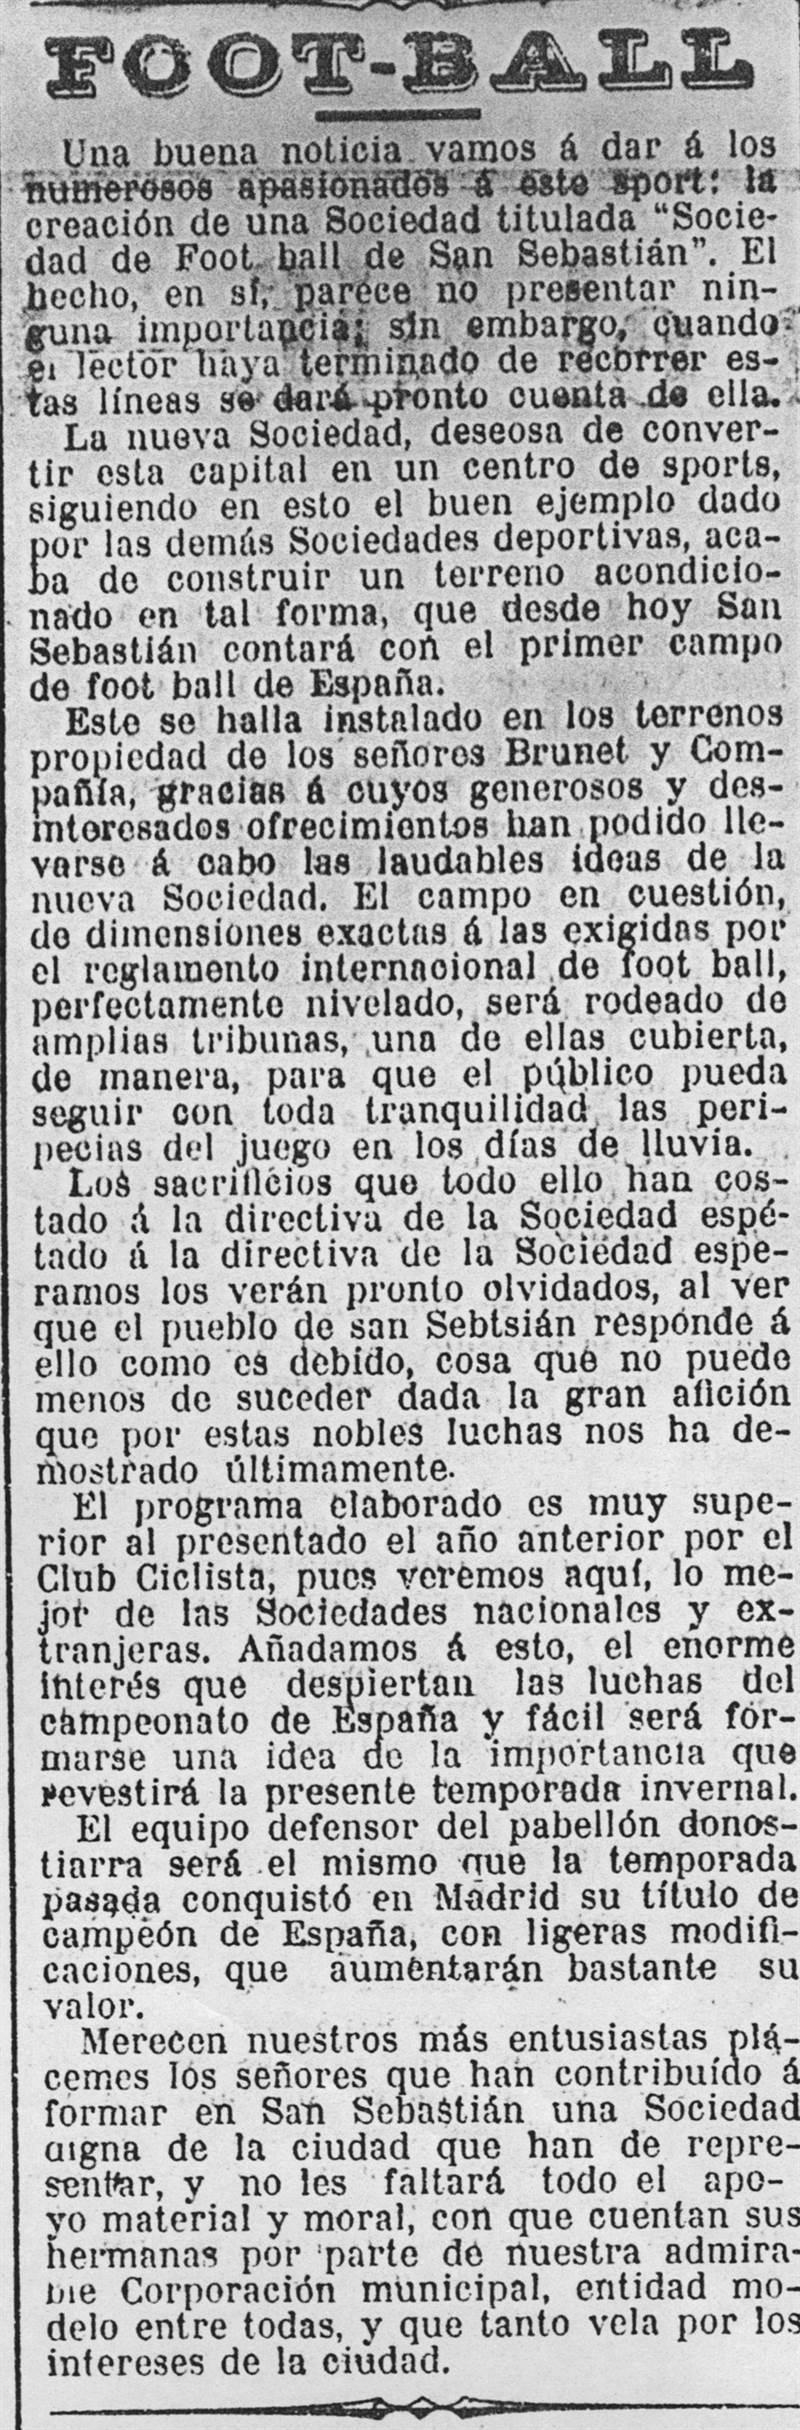 Historia - Real Sociedad de Fútbol S.A.D.